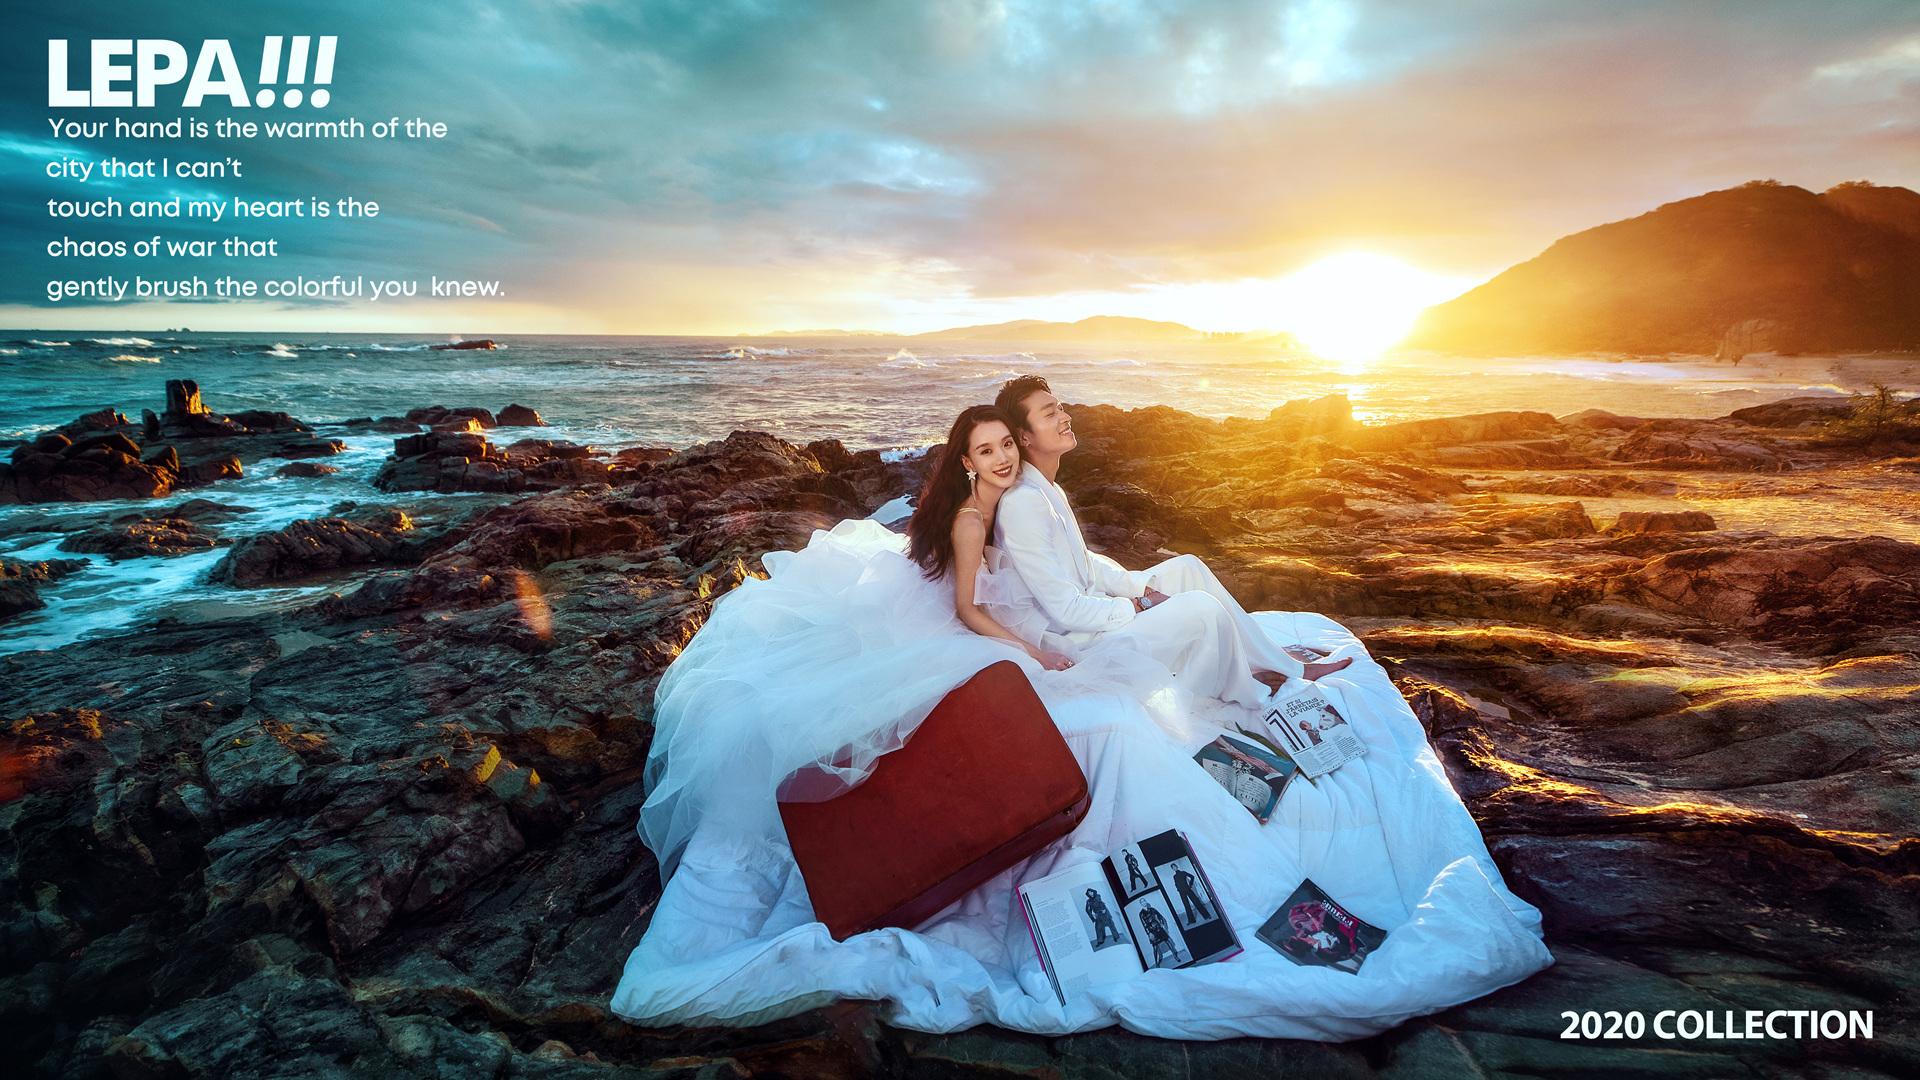 厦门婚纱照怎样拍好看呢?厦门婚纱照拍摄景点有哪些?